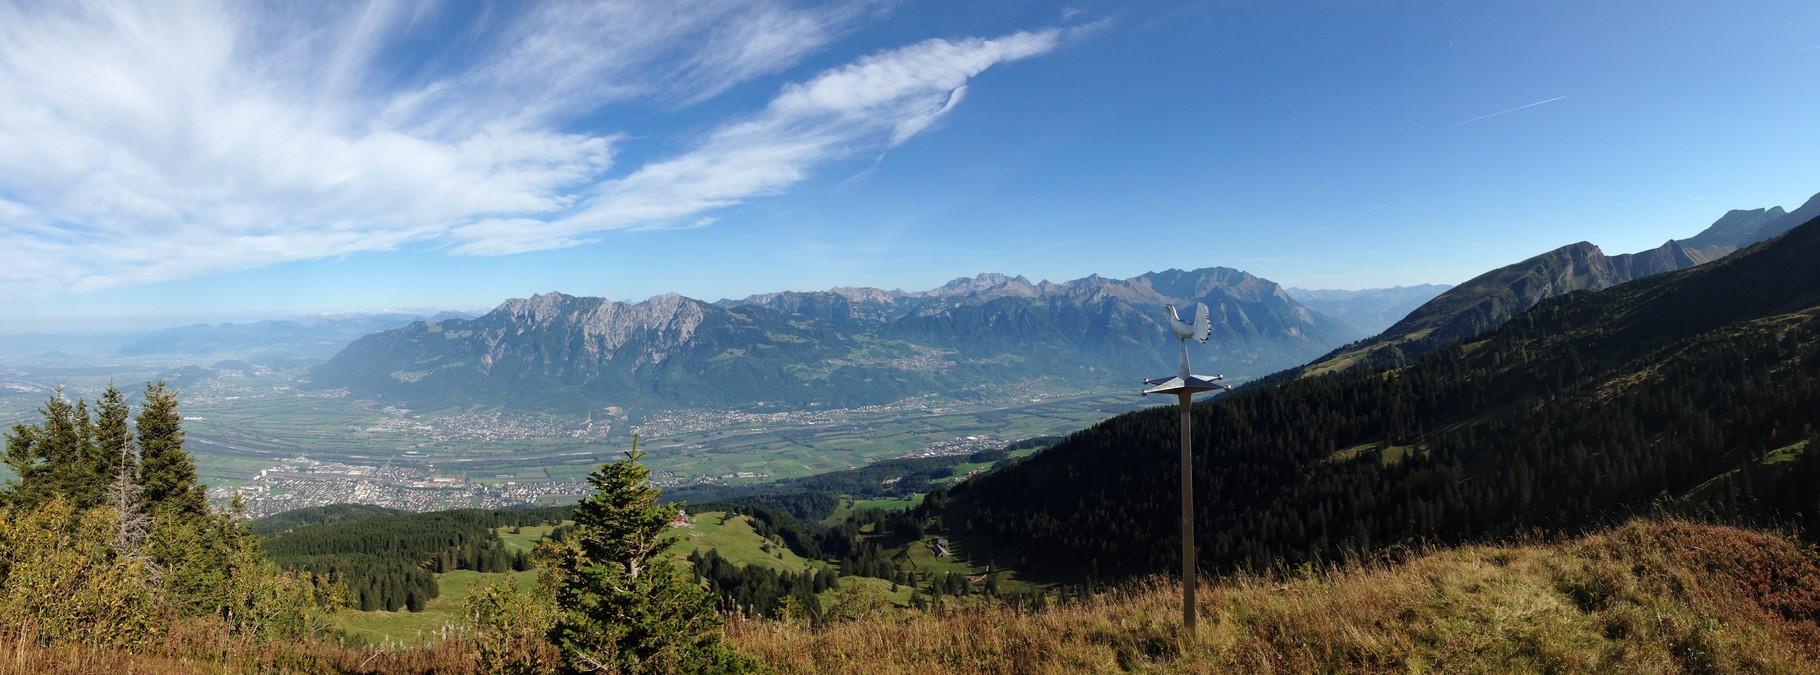 Panorama beim Uphill